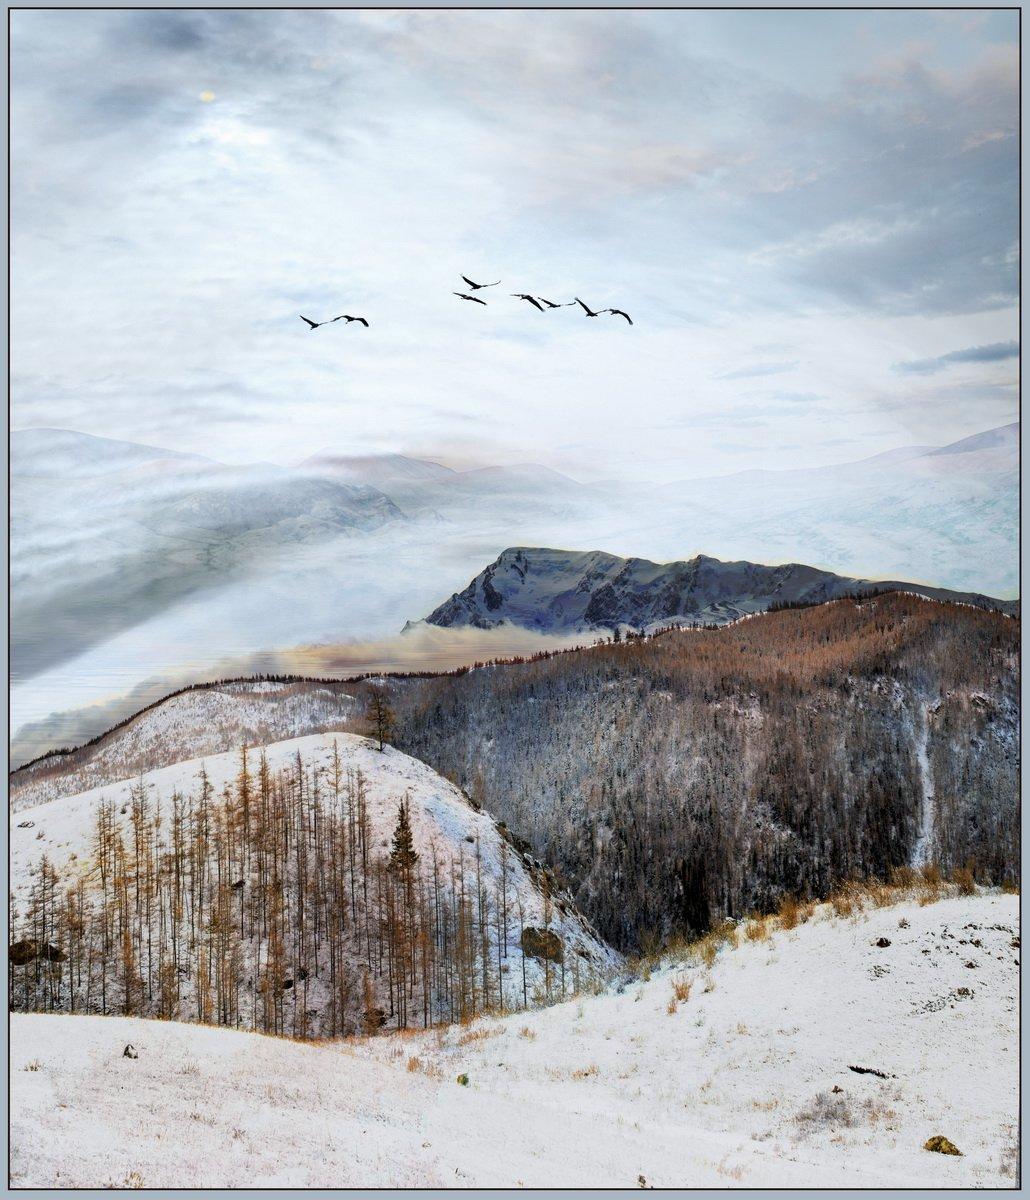 мажой, осень,снег,горы., aleks2020